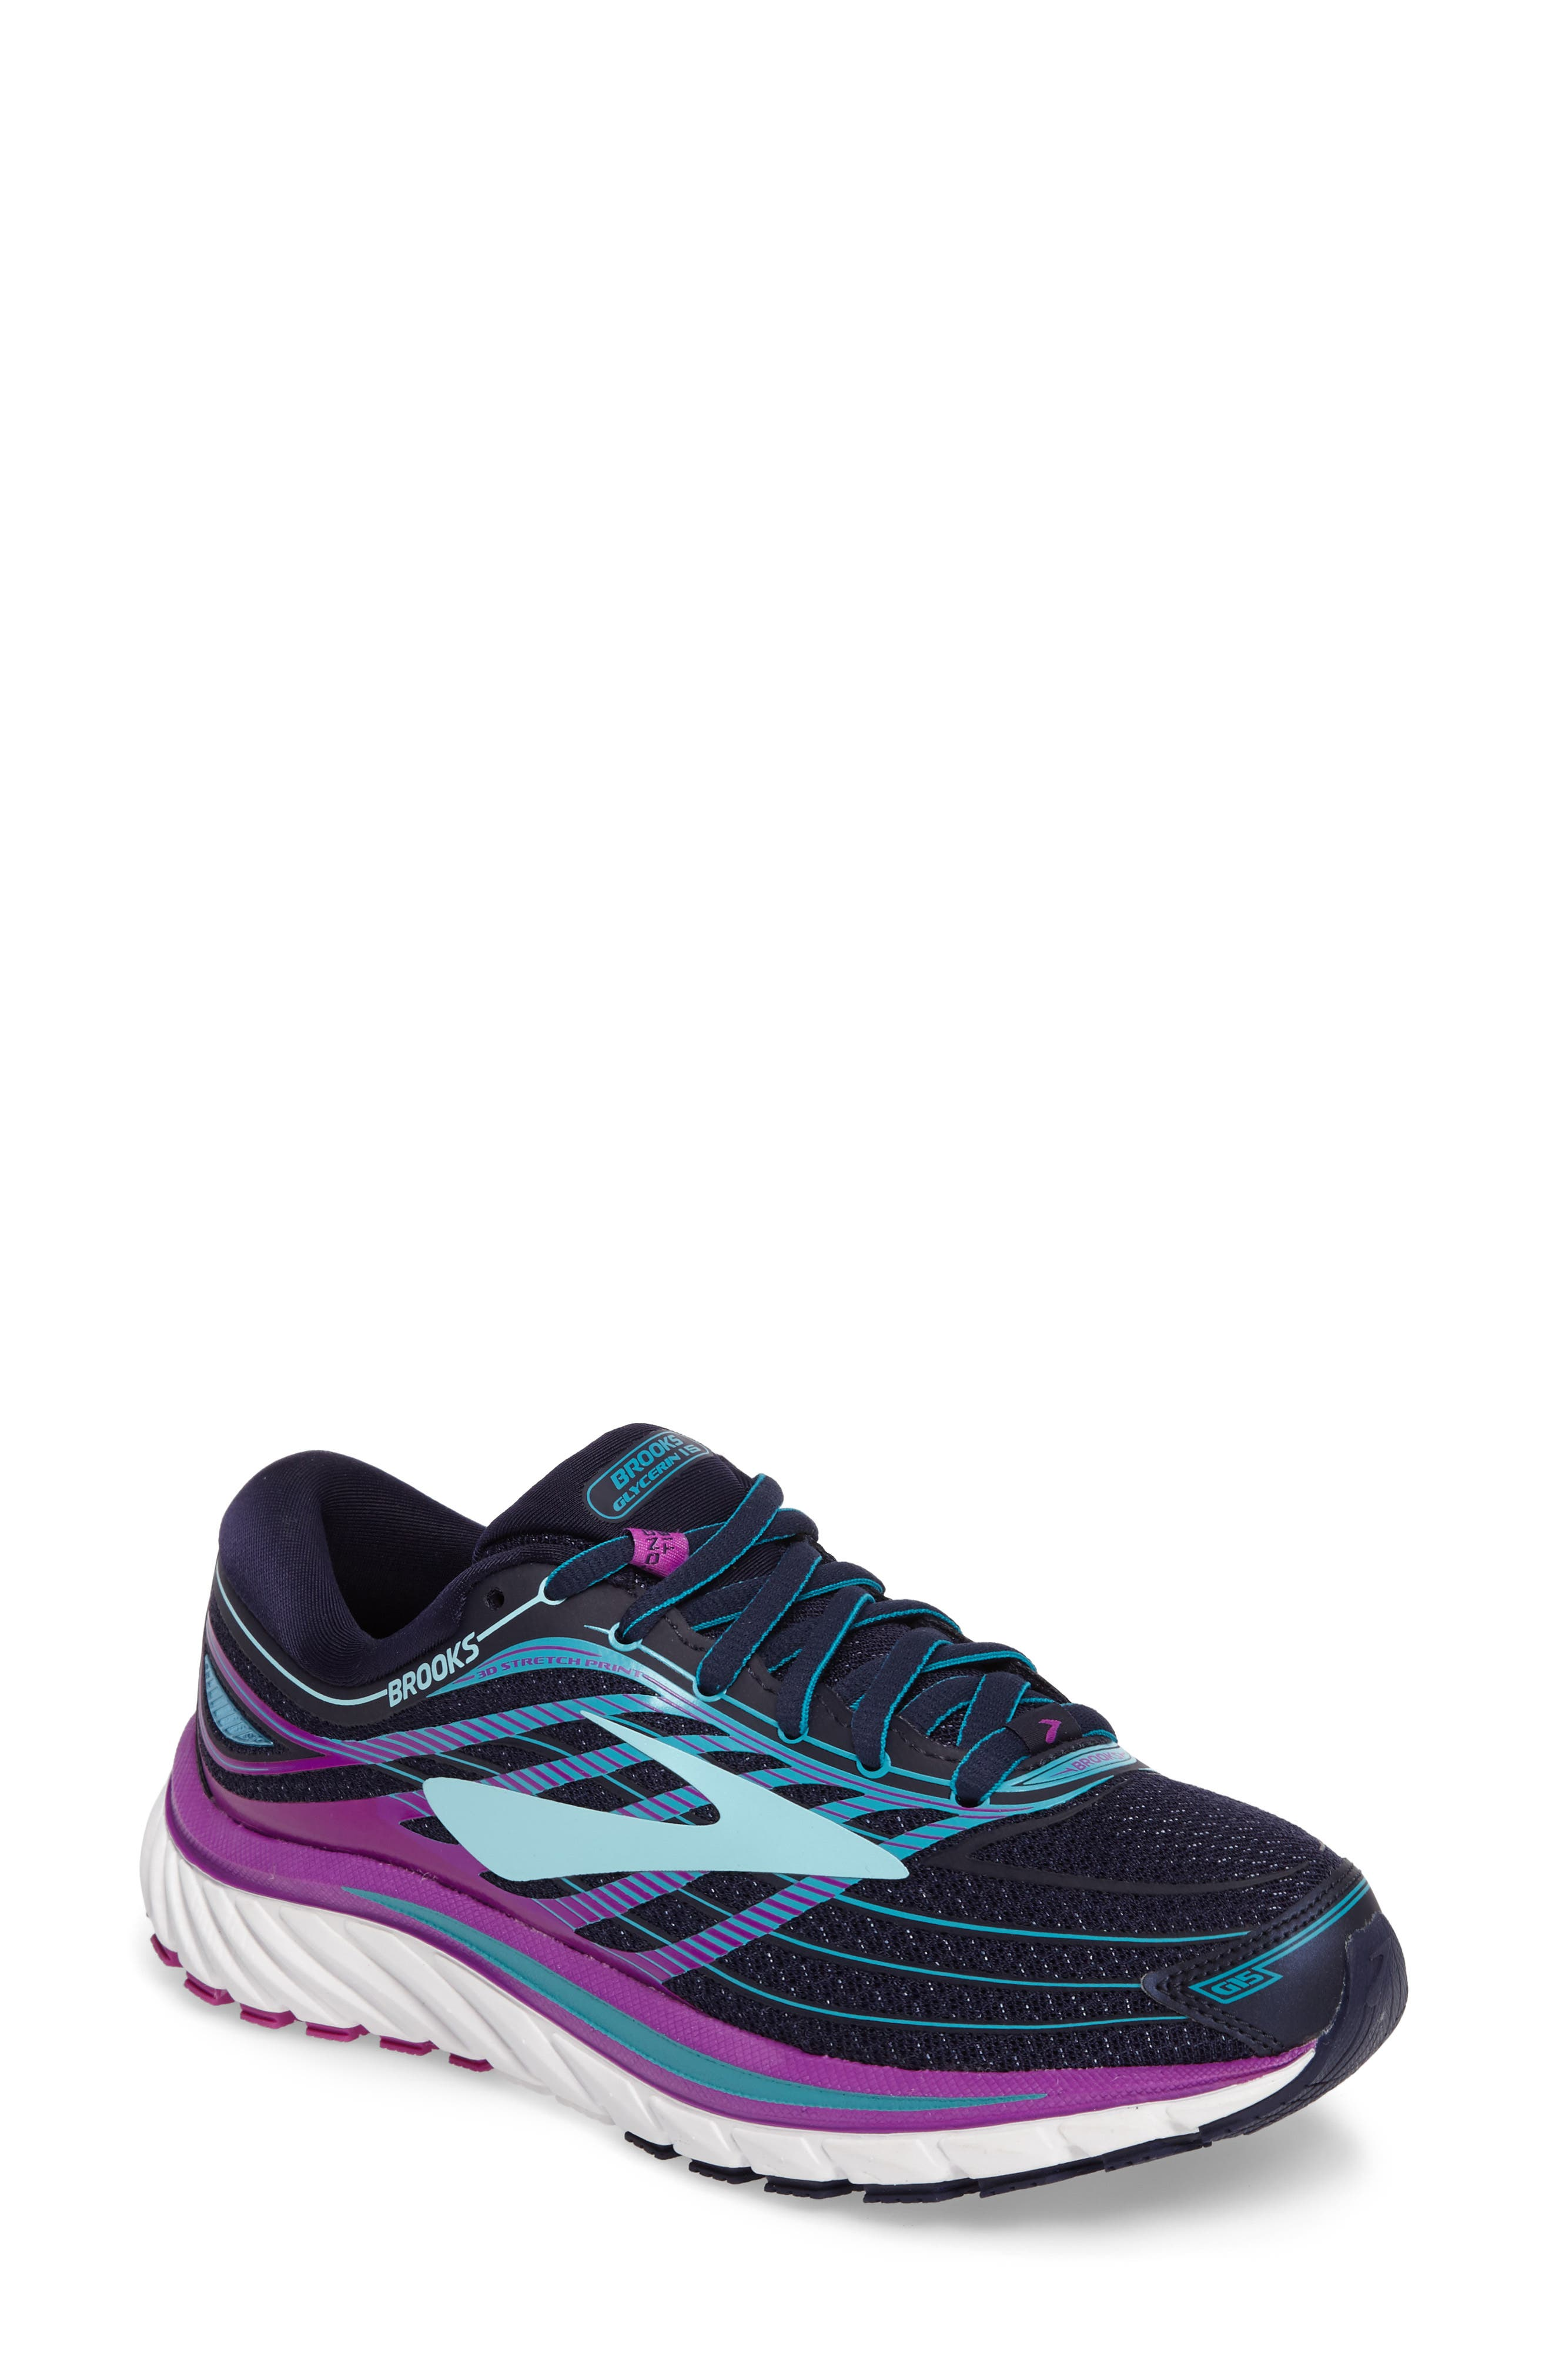 57d283431fc Brooks Glycerin 15 Running Shoe In Blue  Purple  Teal